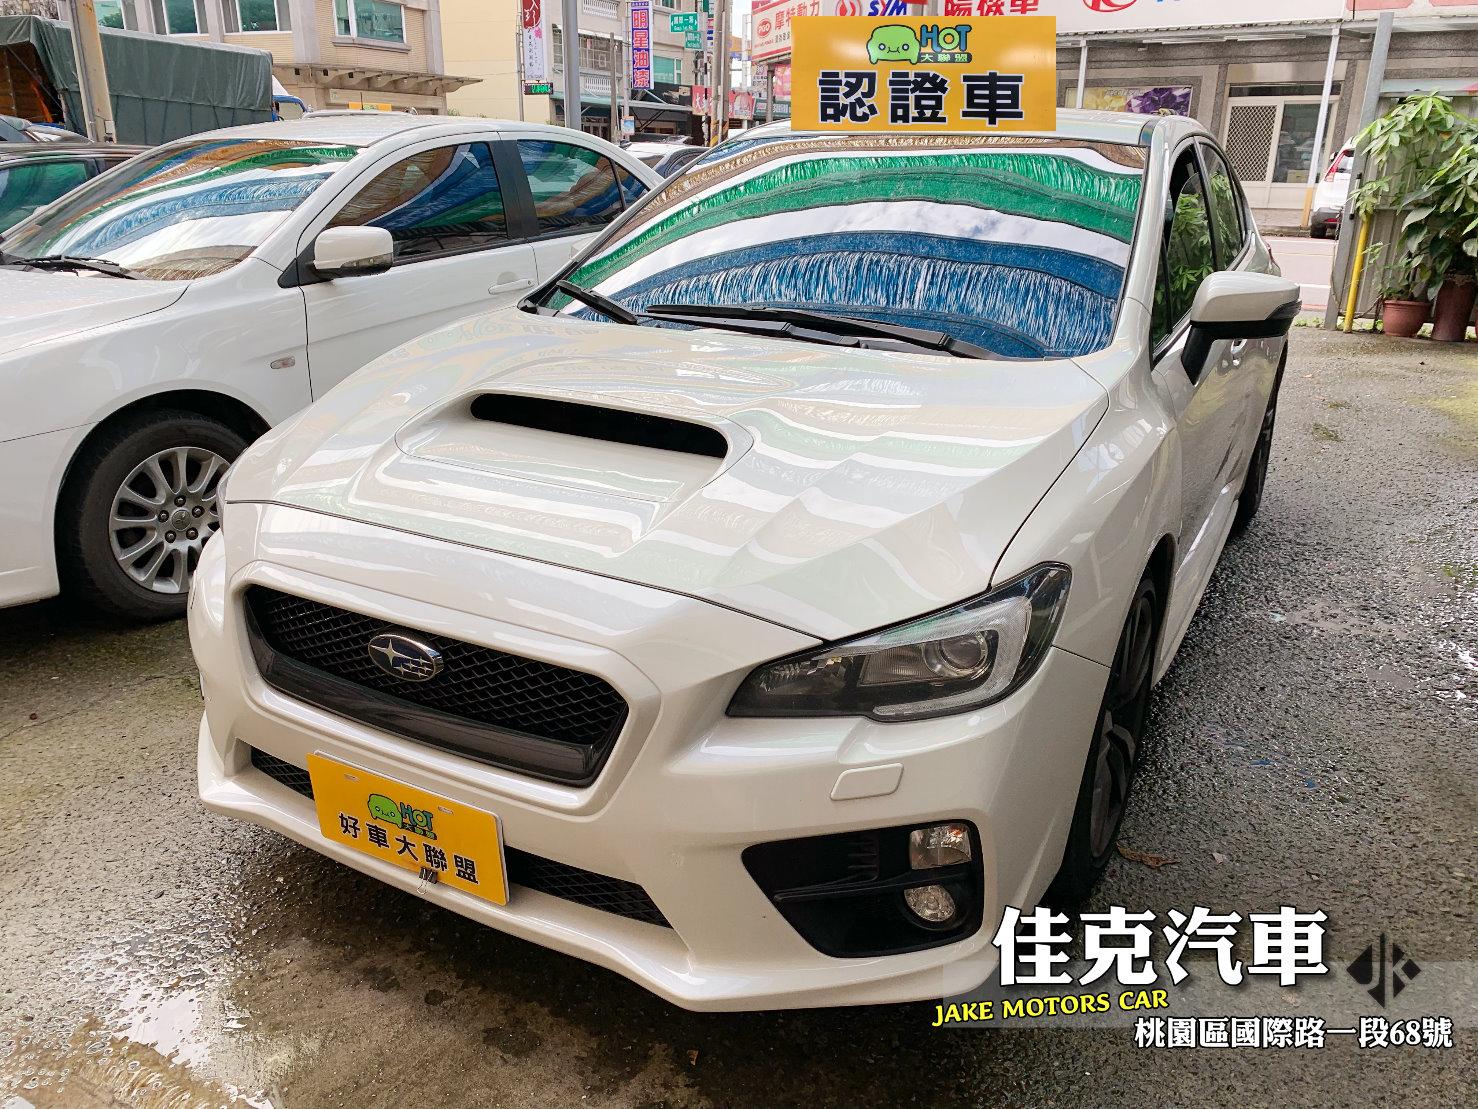 2015 Subaru 速霸陸 Wrx